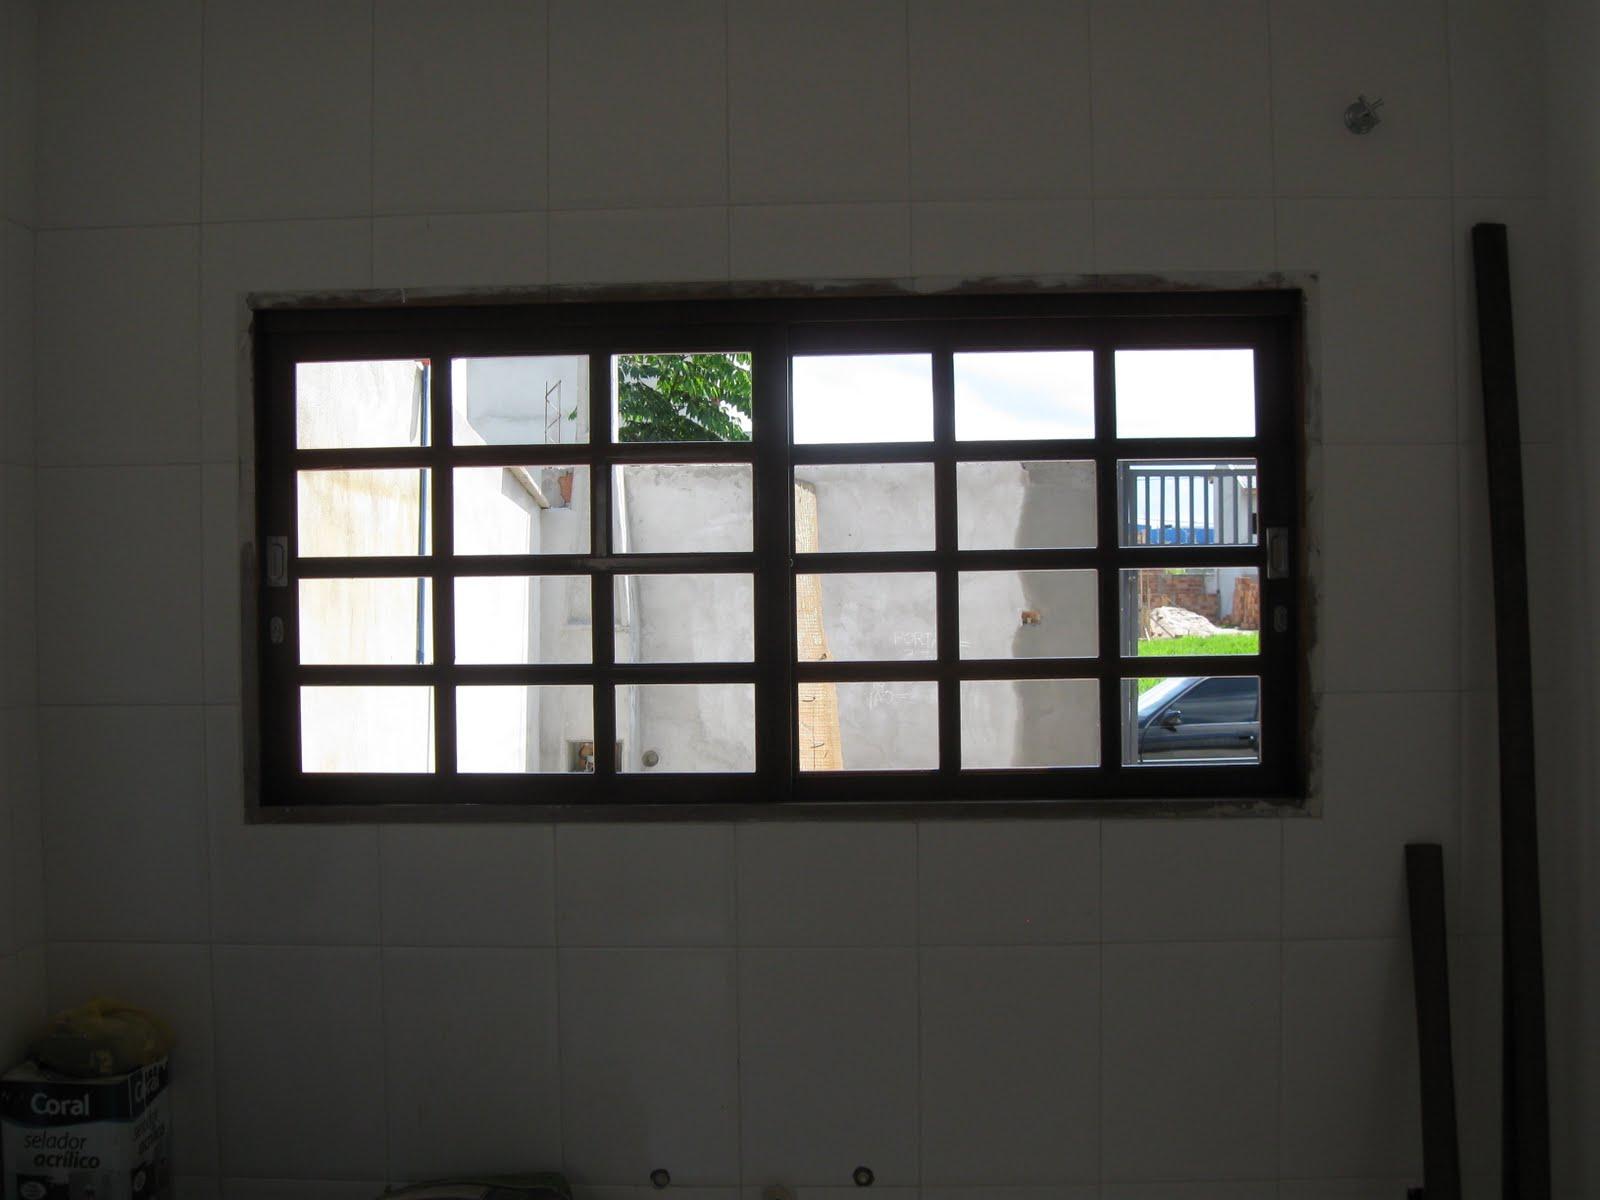 #46653C Janela para Cozinha Madeira e Alumínio Construdeia 1114 Portas E Janelas De Aluminio Para Cozinha